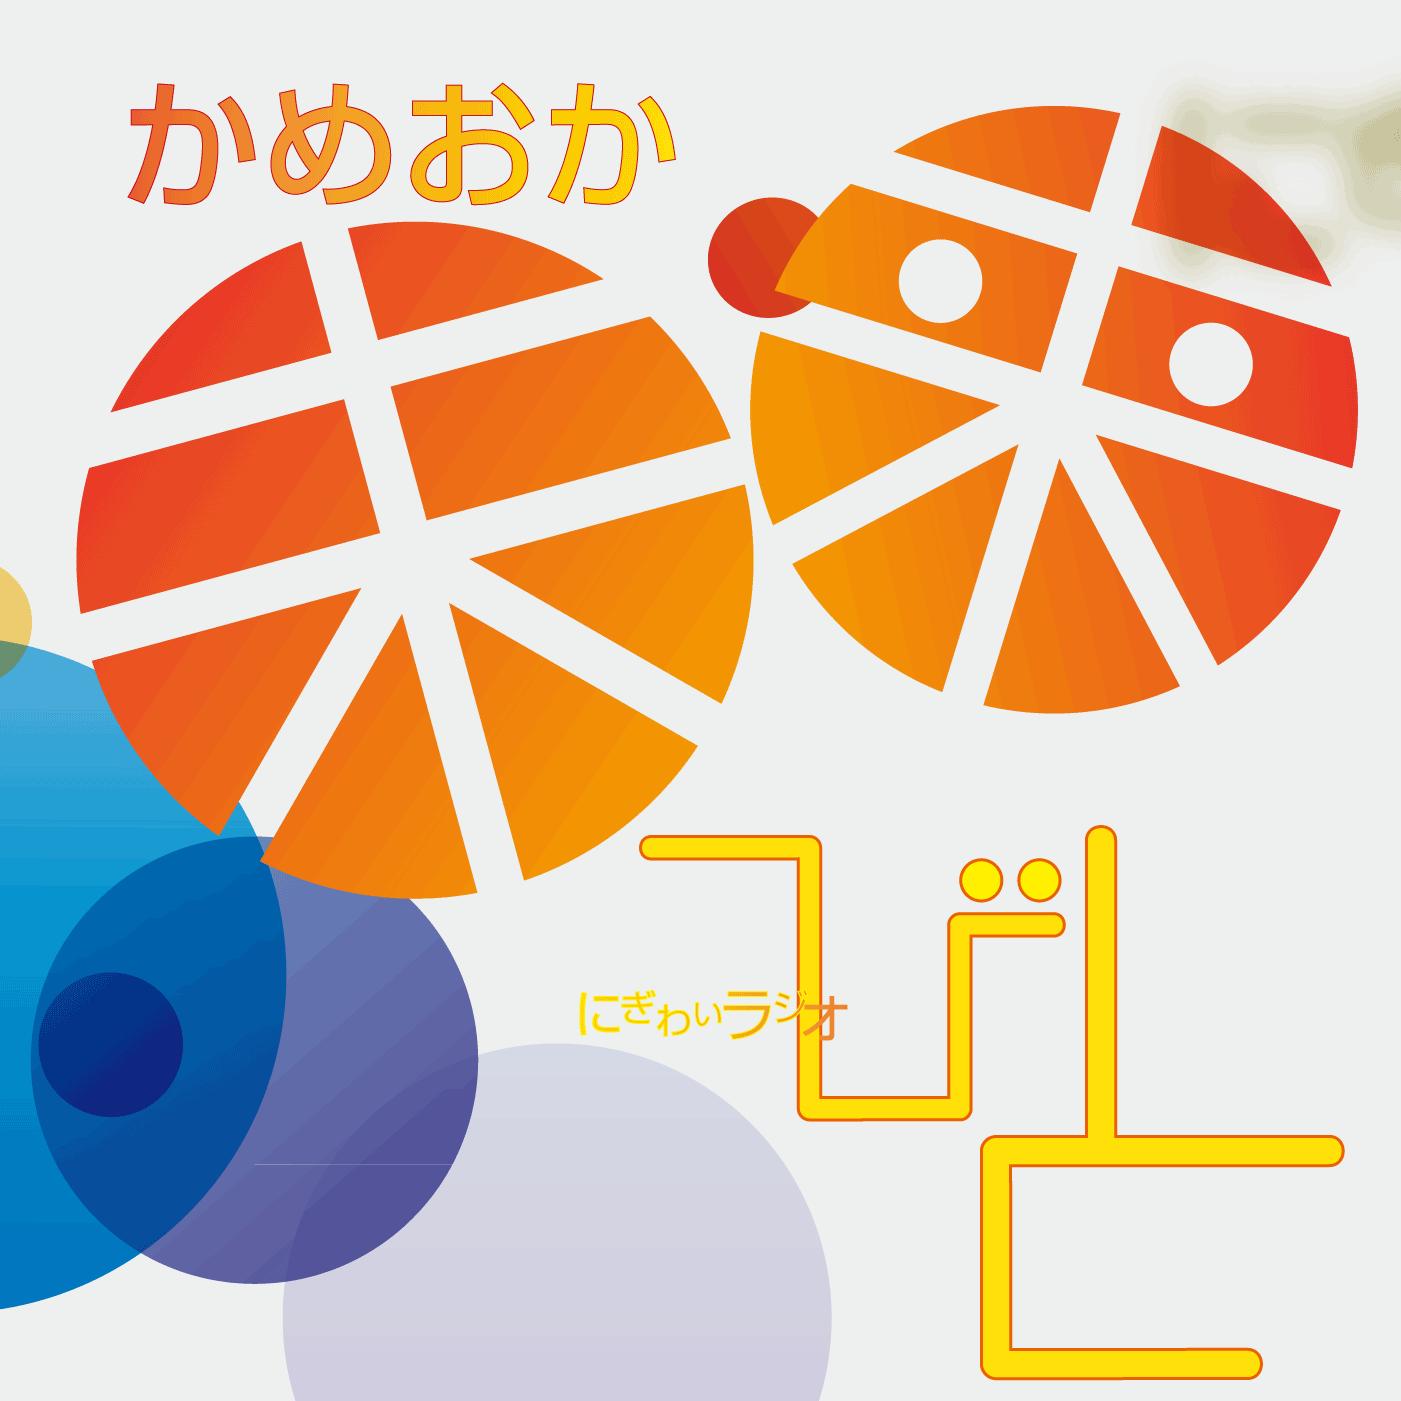 「にぎわい創出」プロジェクトチーム(亀岡市※開局準備中)